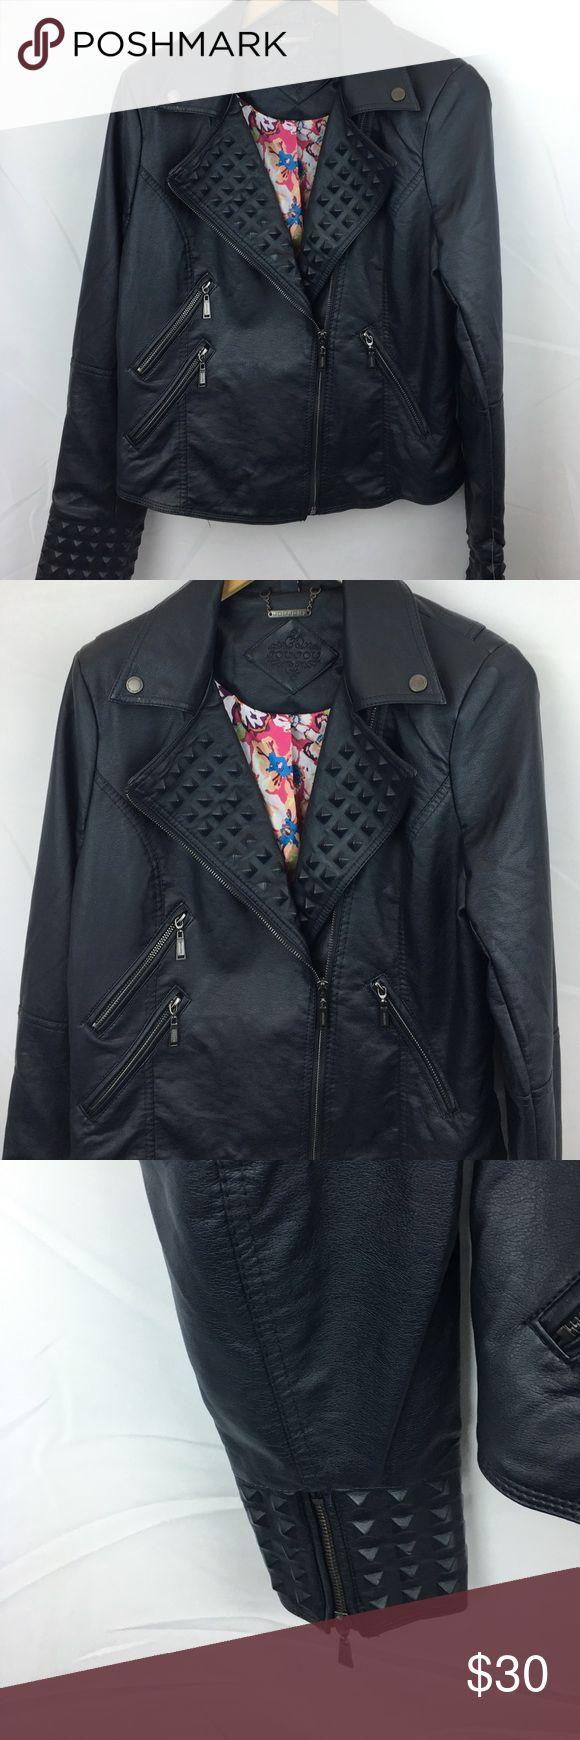 Joujou  biker jacket for ladies Joujou biker jacket for ladies size  L joujou Jackets & Coats